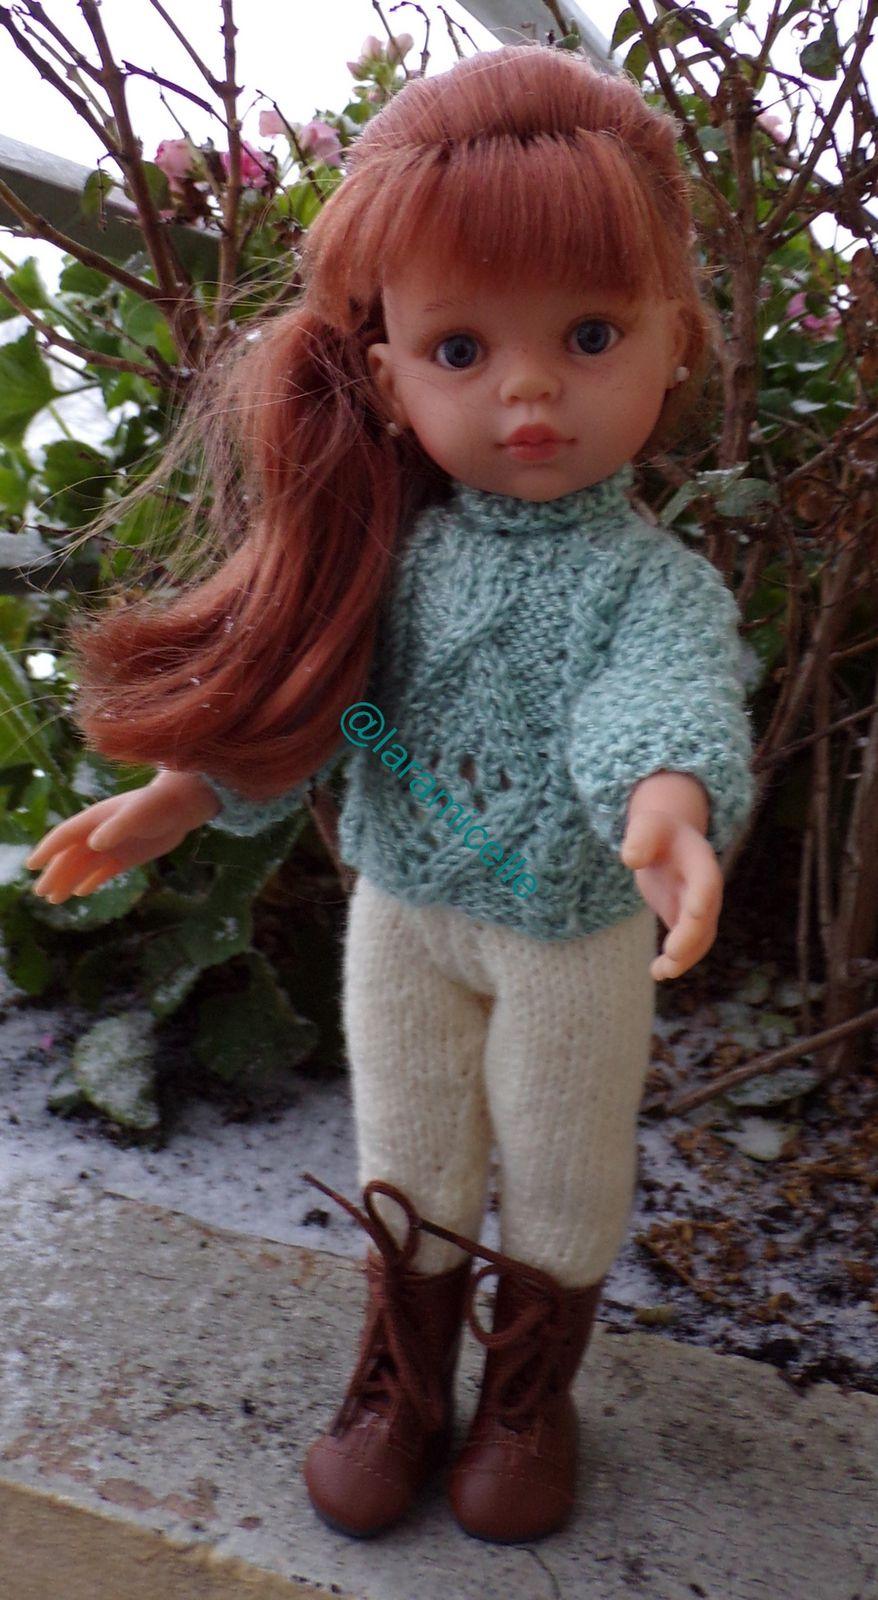 tuto gratuit  poupée  : pull irlandais ajouré au col roulotté ajouré